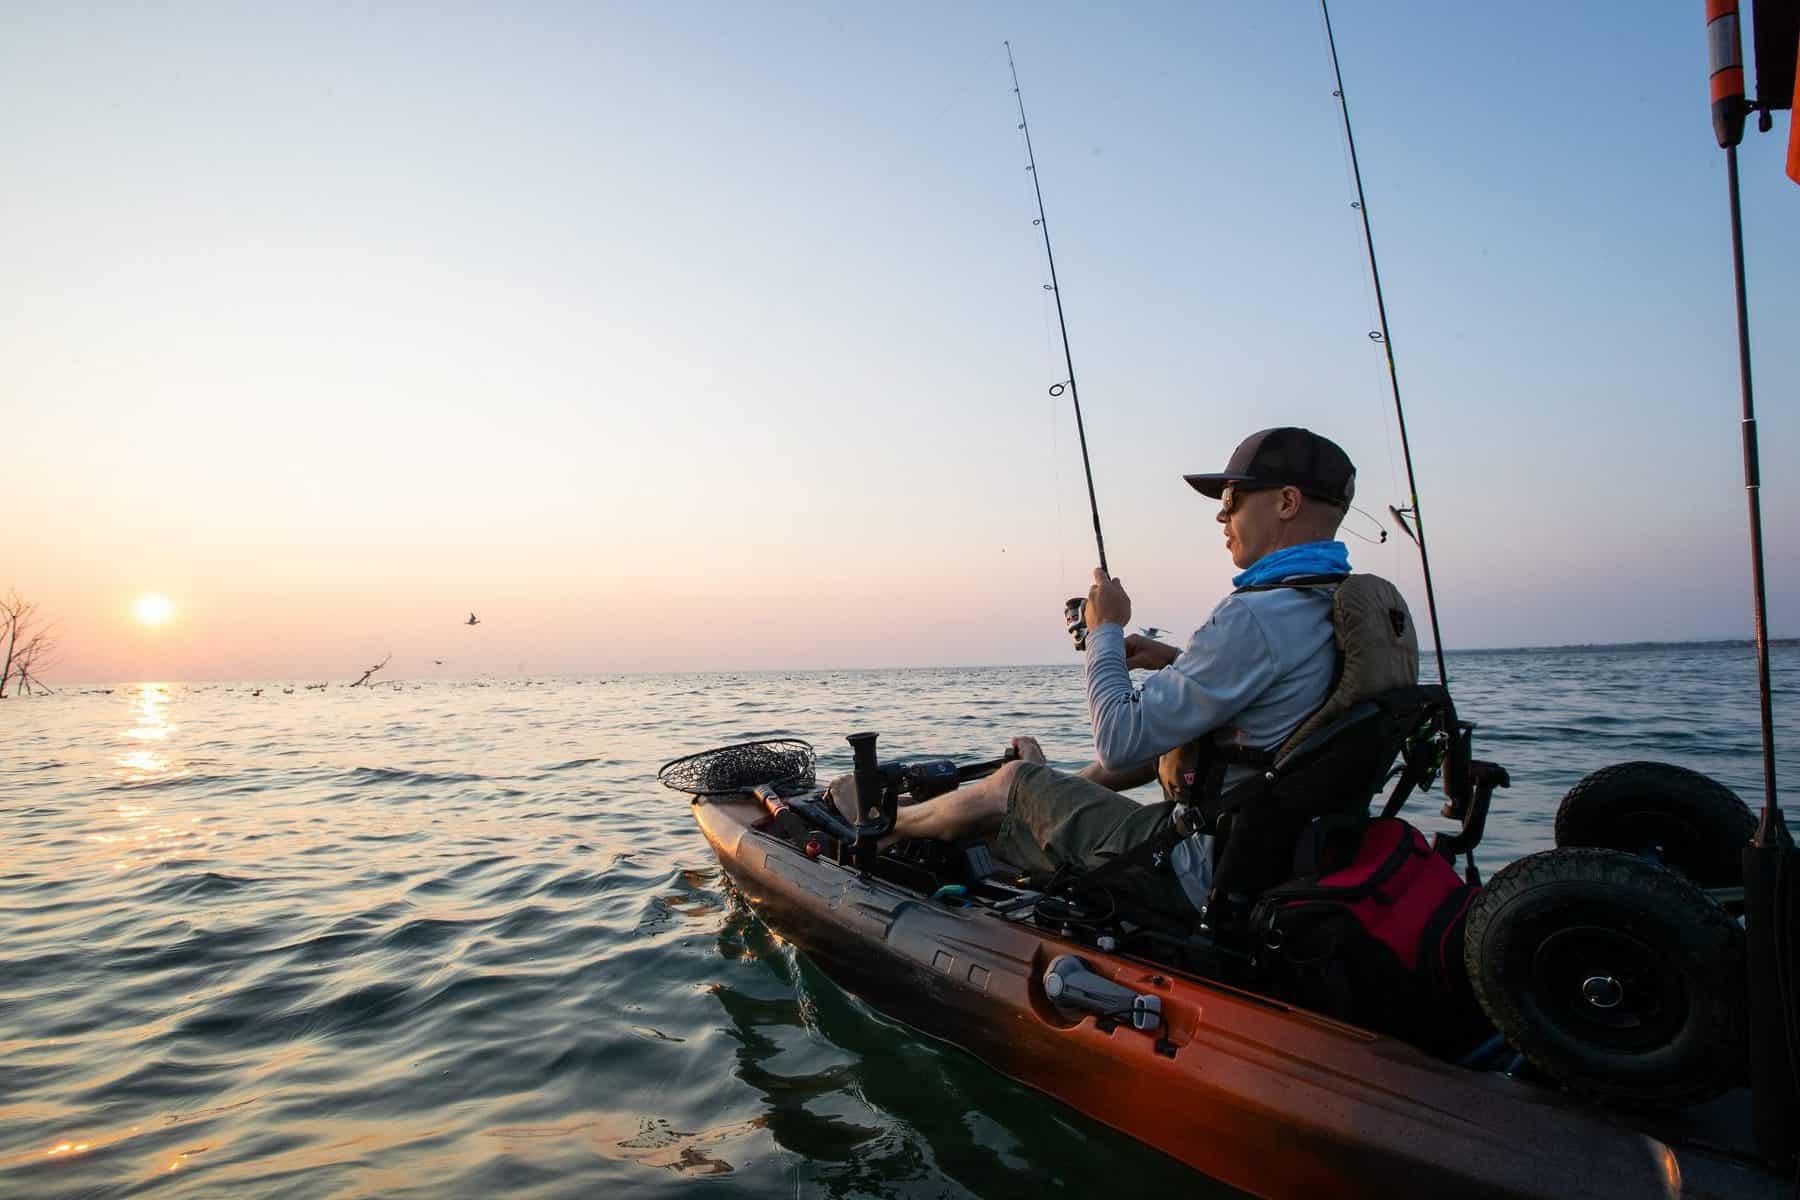 Man in Fishing Kayak on ocean